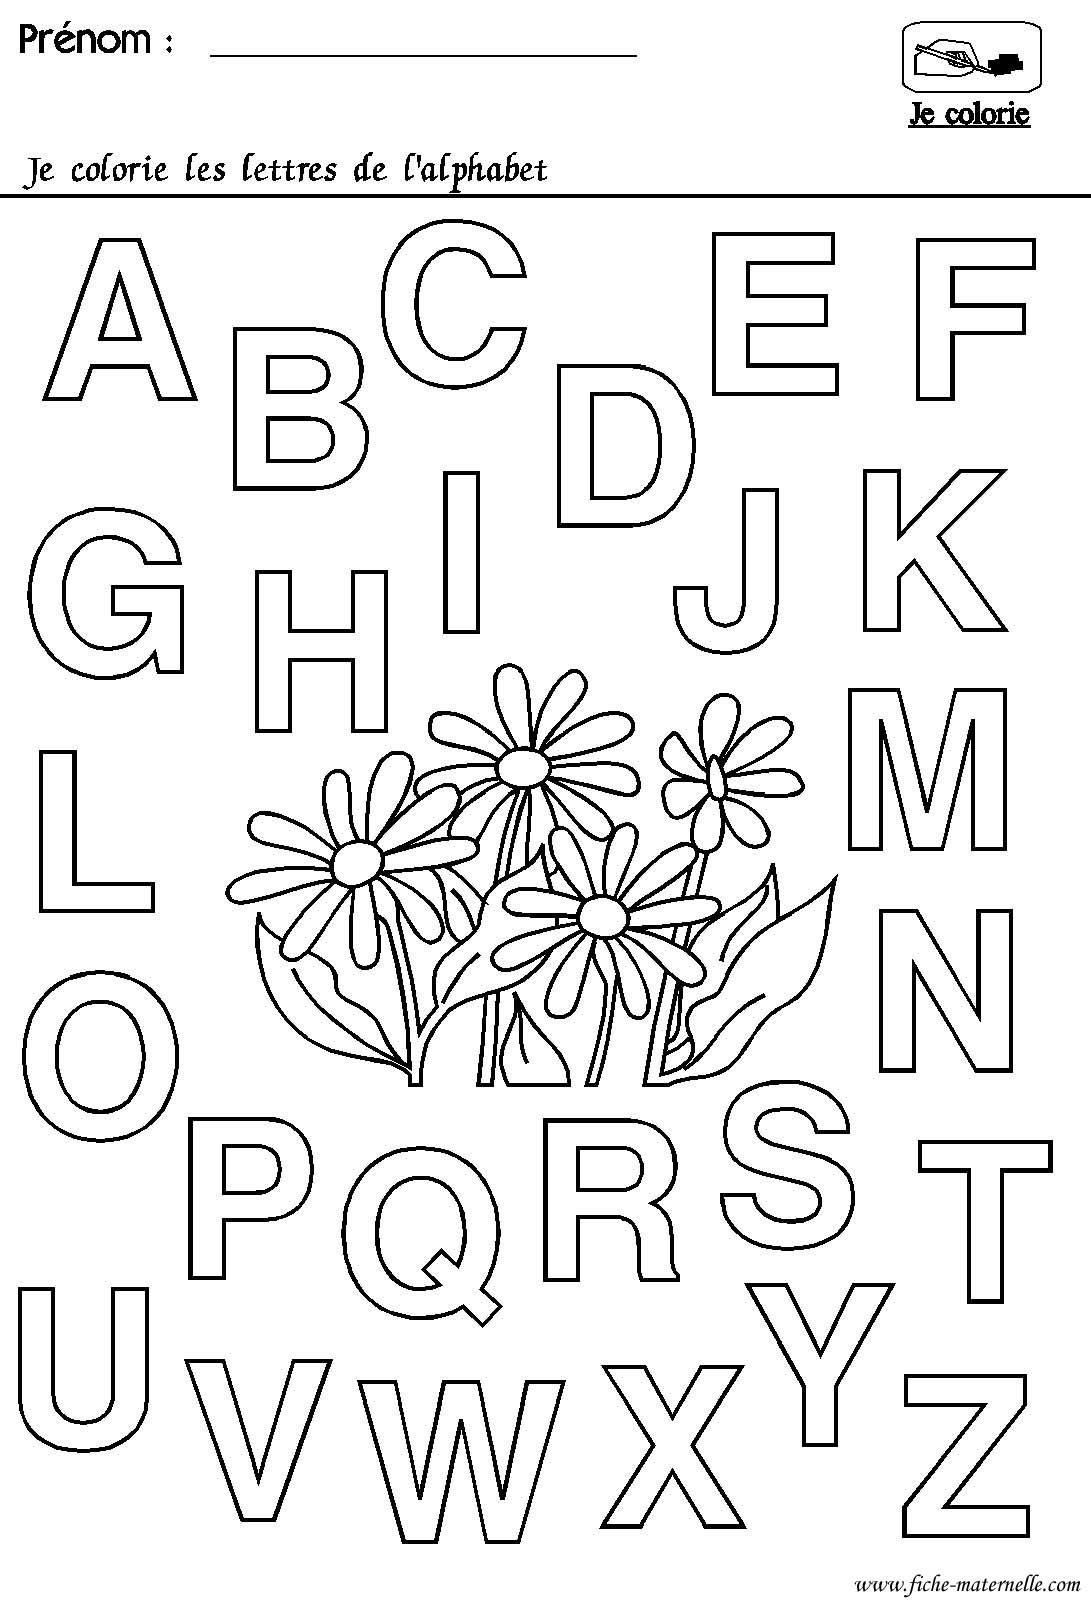 Maternelle Rentree Des Classes L Alphabet Alphabet A Colorier Alphabet Maternelle Alphabet